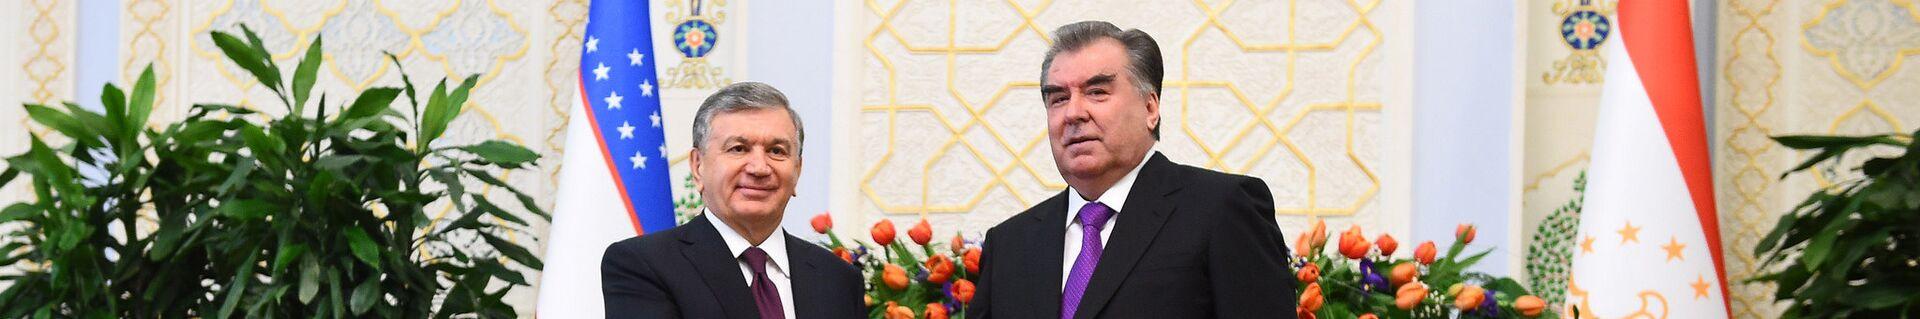 Шавкат Мирзиёев и Эмомали Рахмон - Sputnik Таджикистан